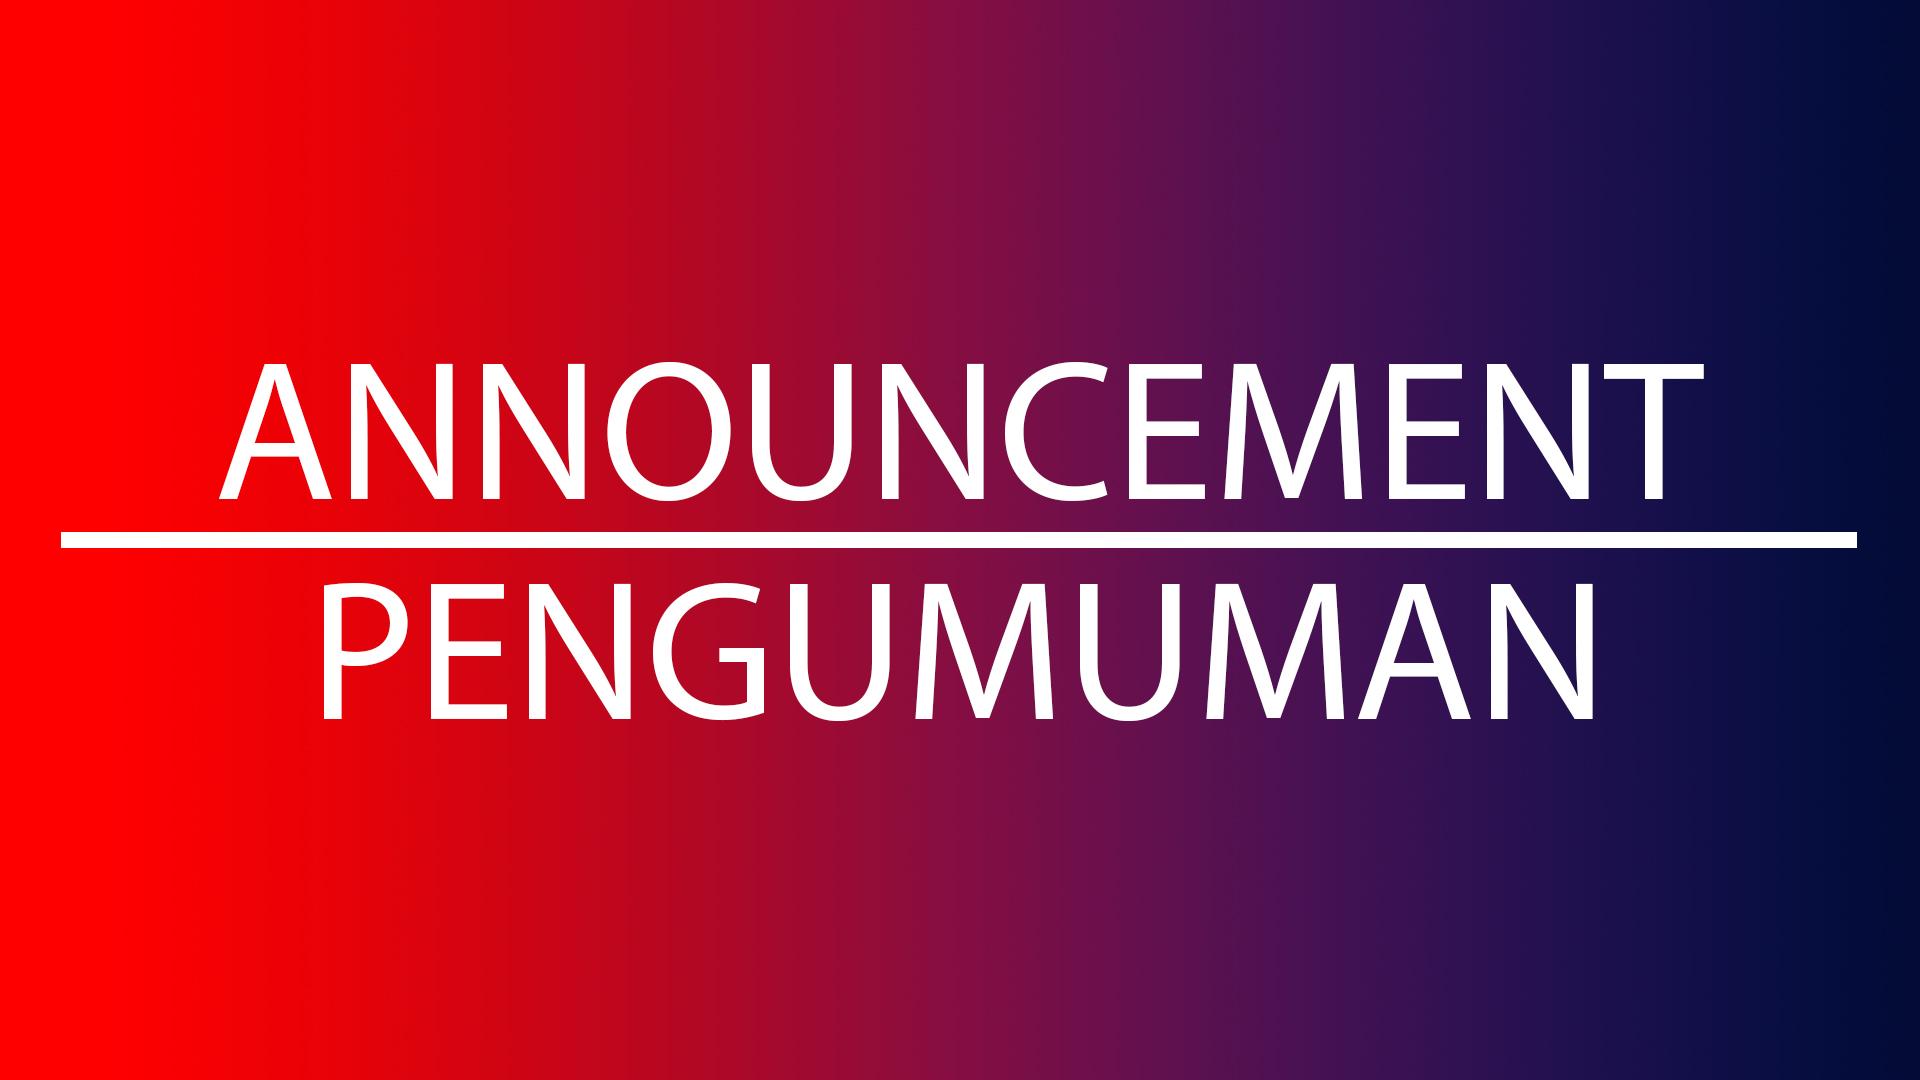 Pengumuman Libur Tanggal 8 – 10 April 2019